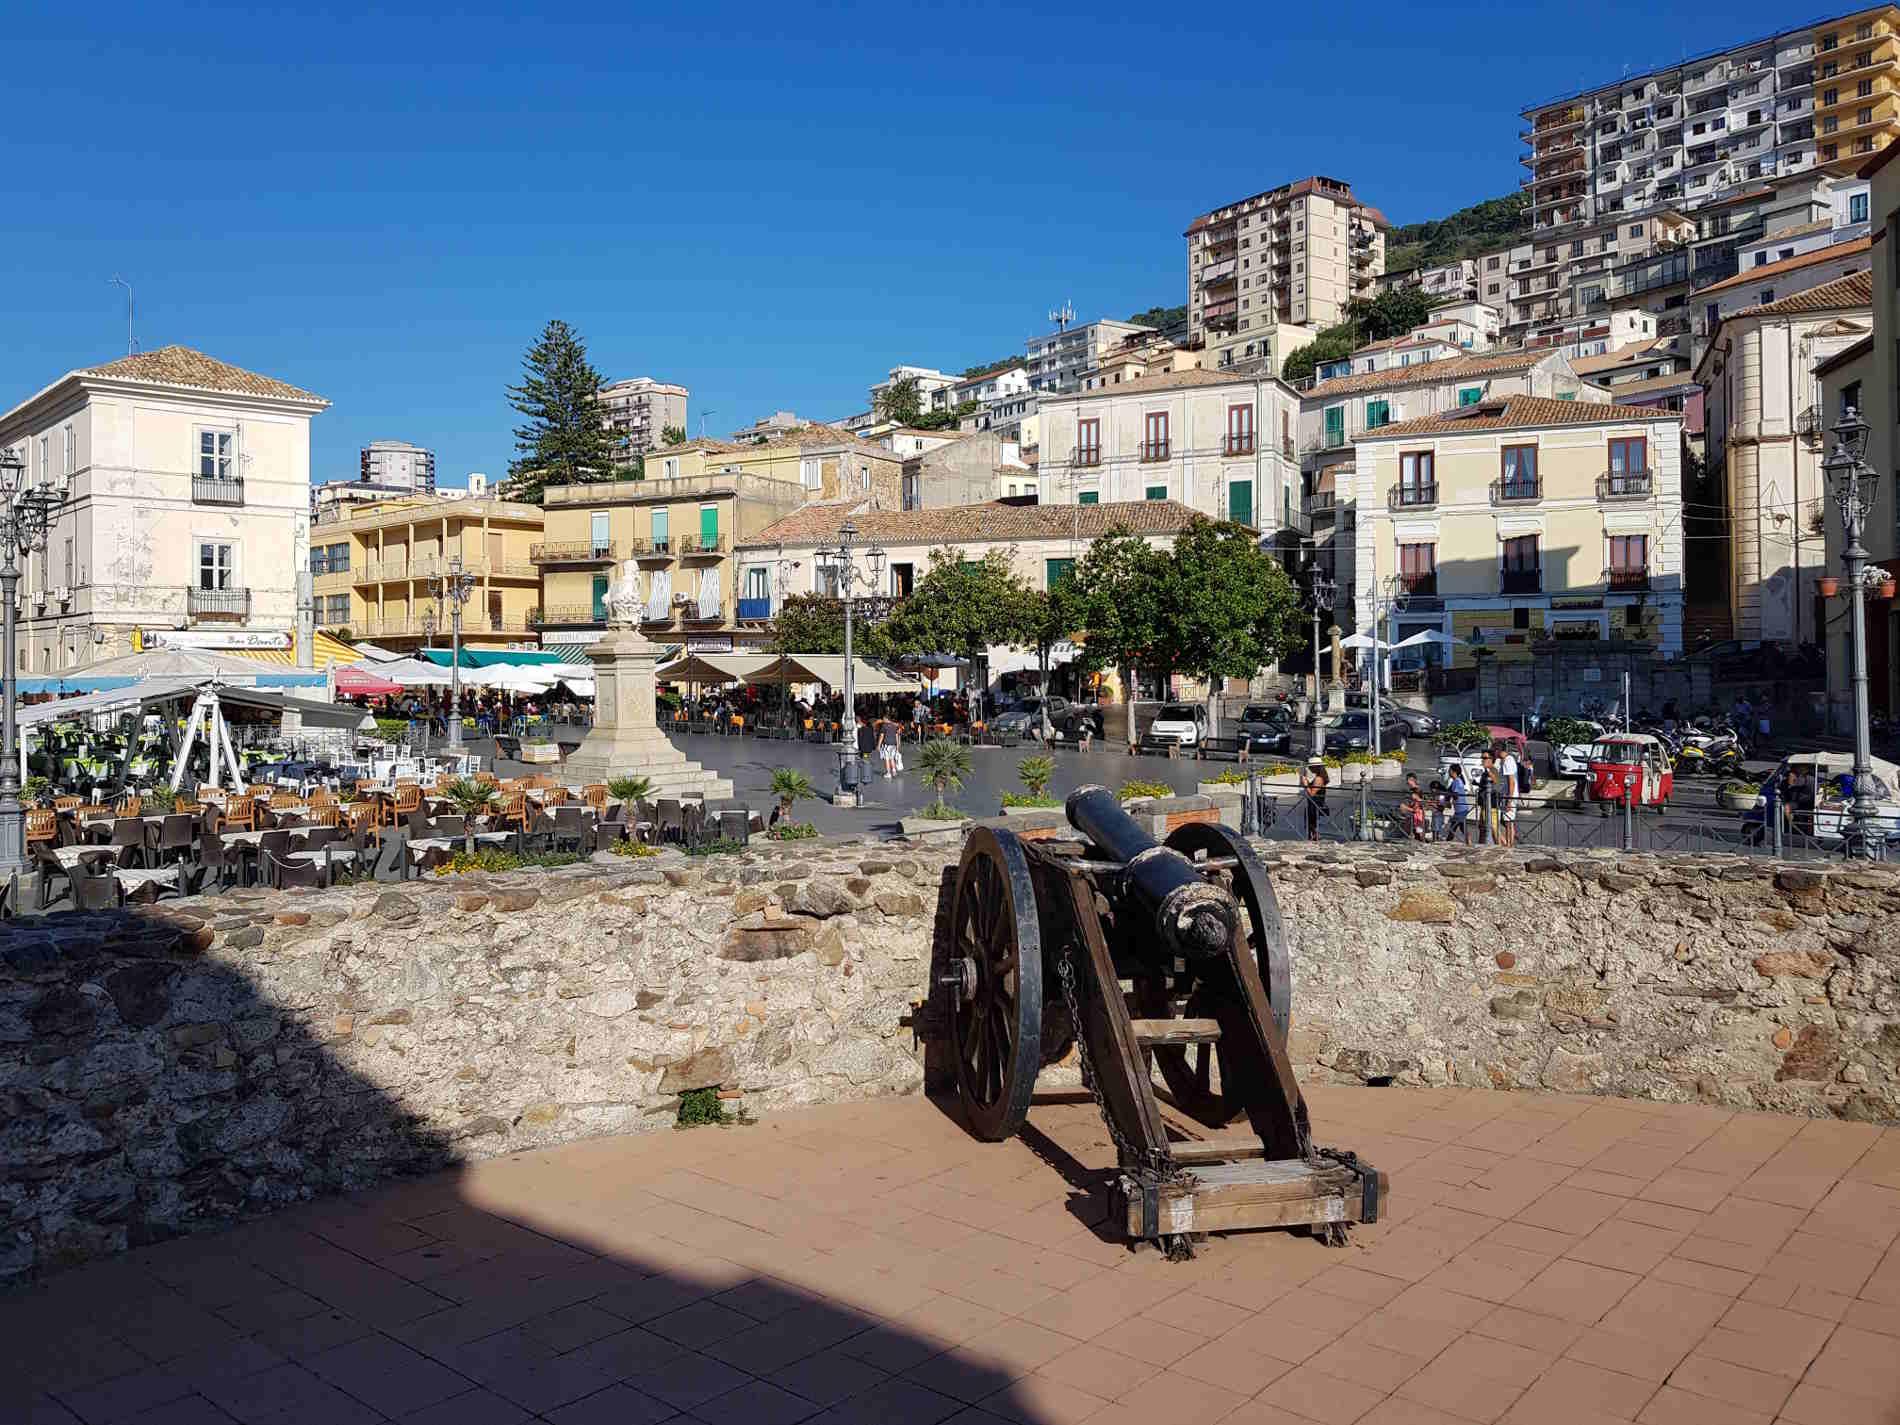 Cose da fare a Pizzo Calabro - Ammirare Piazza della Repubblica dal Castello Aragonese